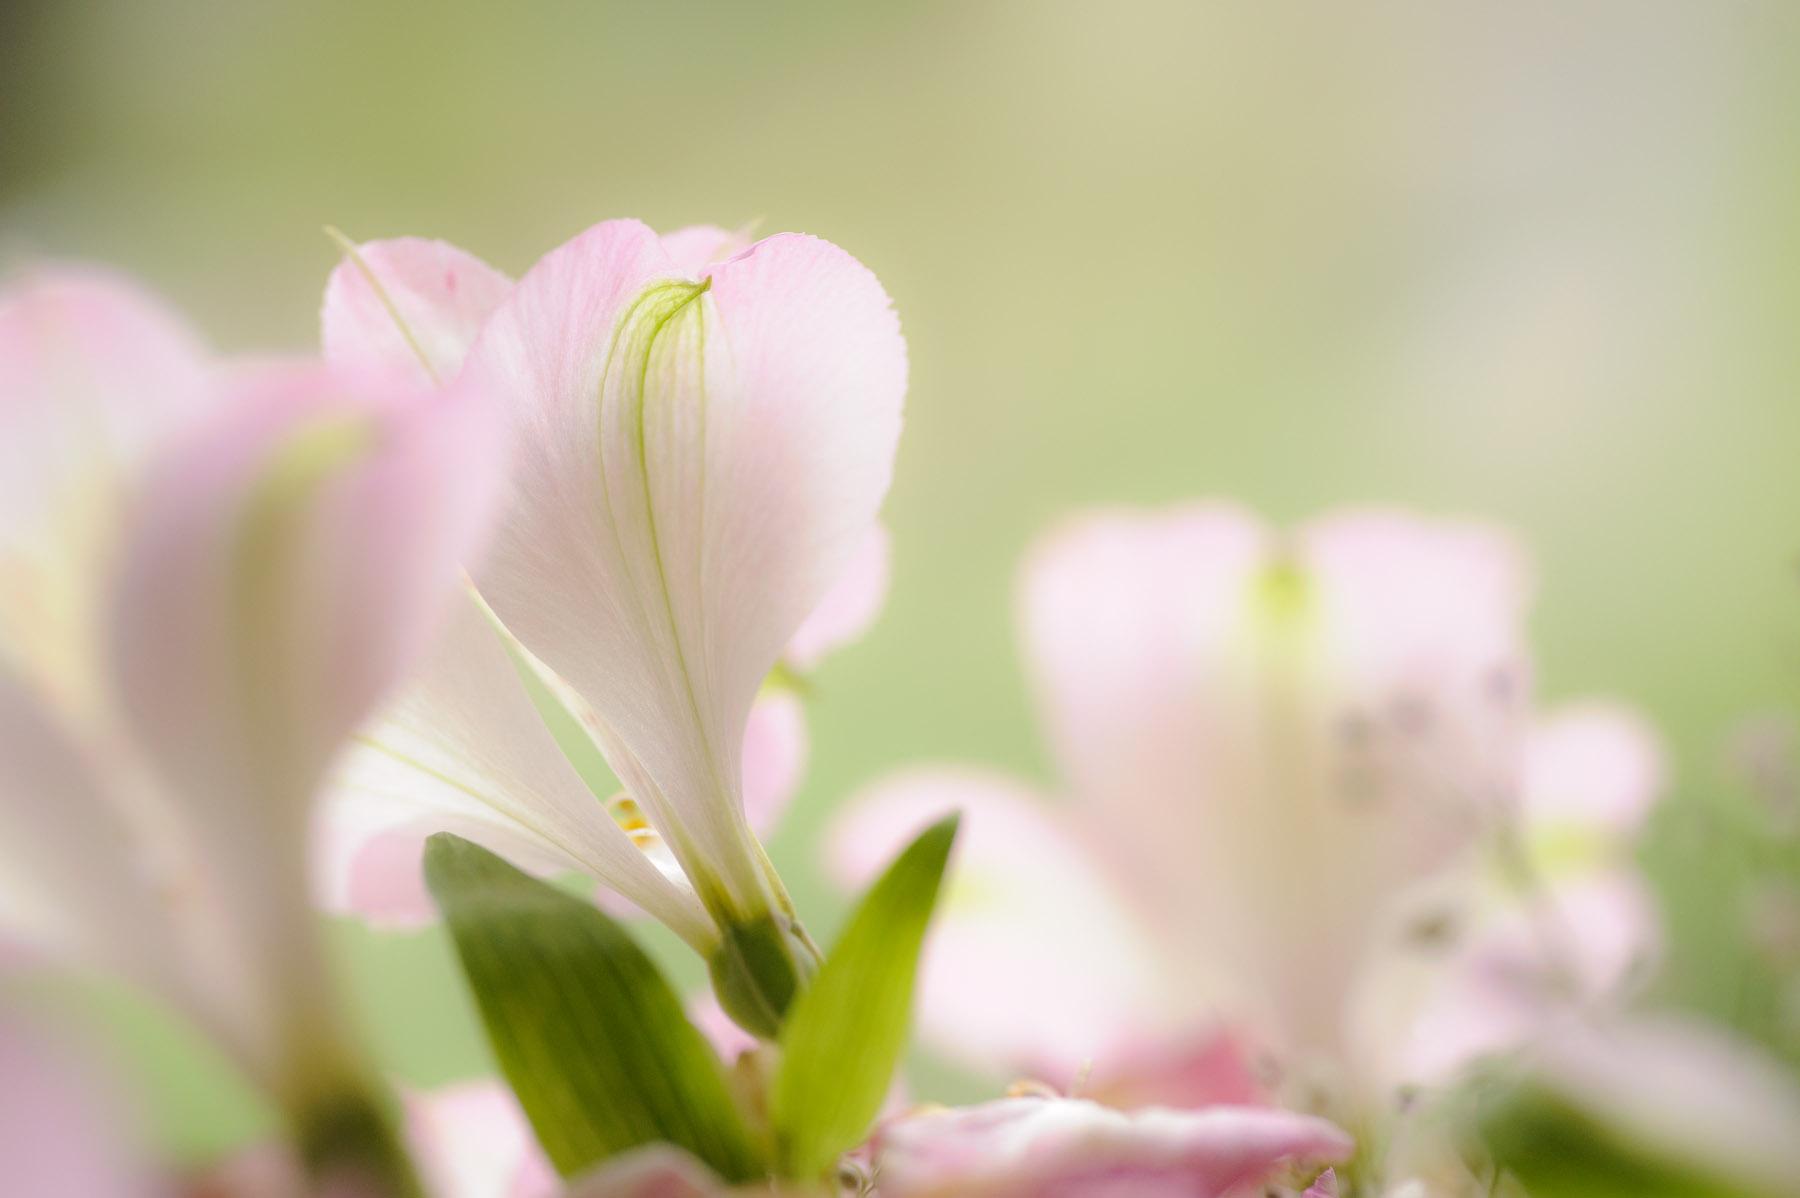 Does Aspirin In Water Keep Flowers Fresh